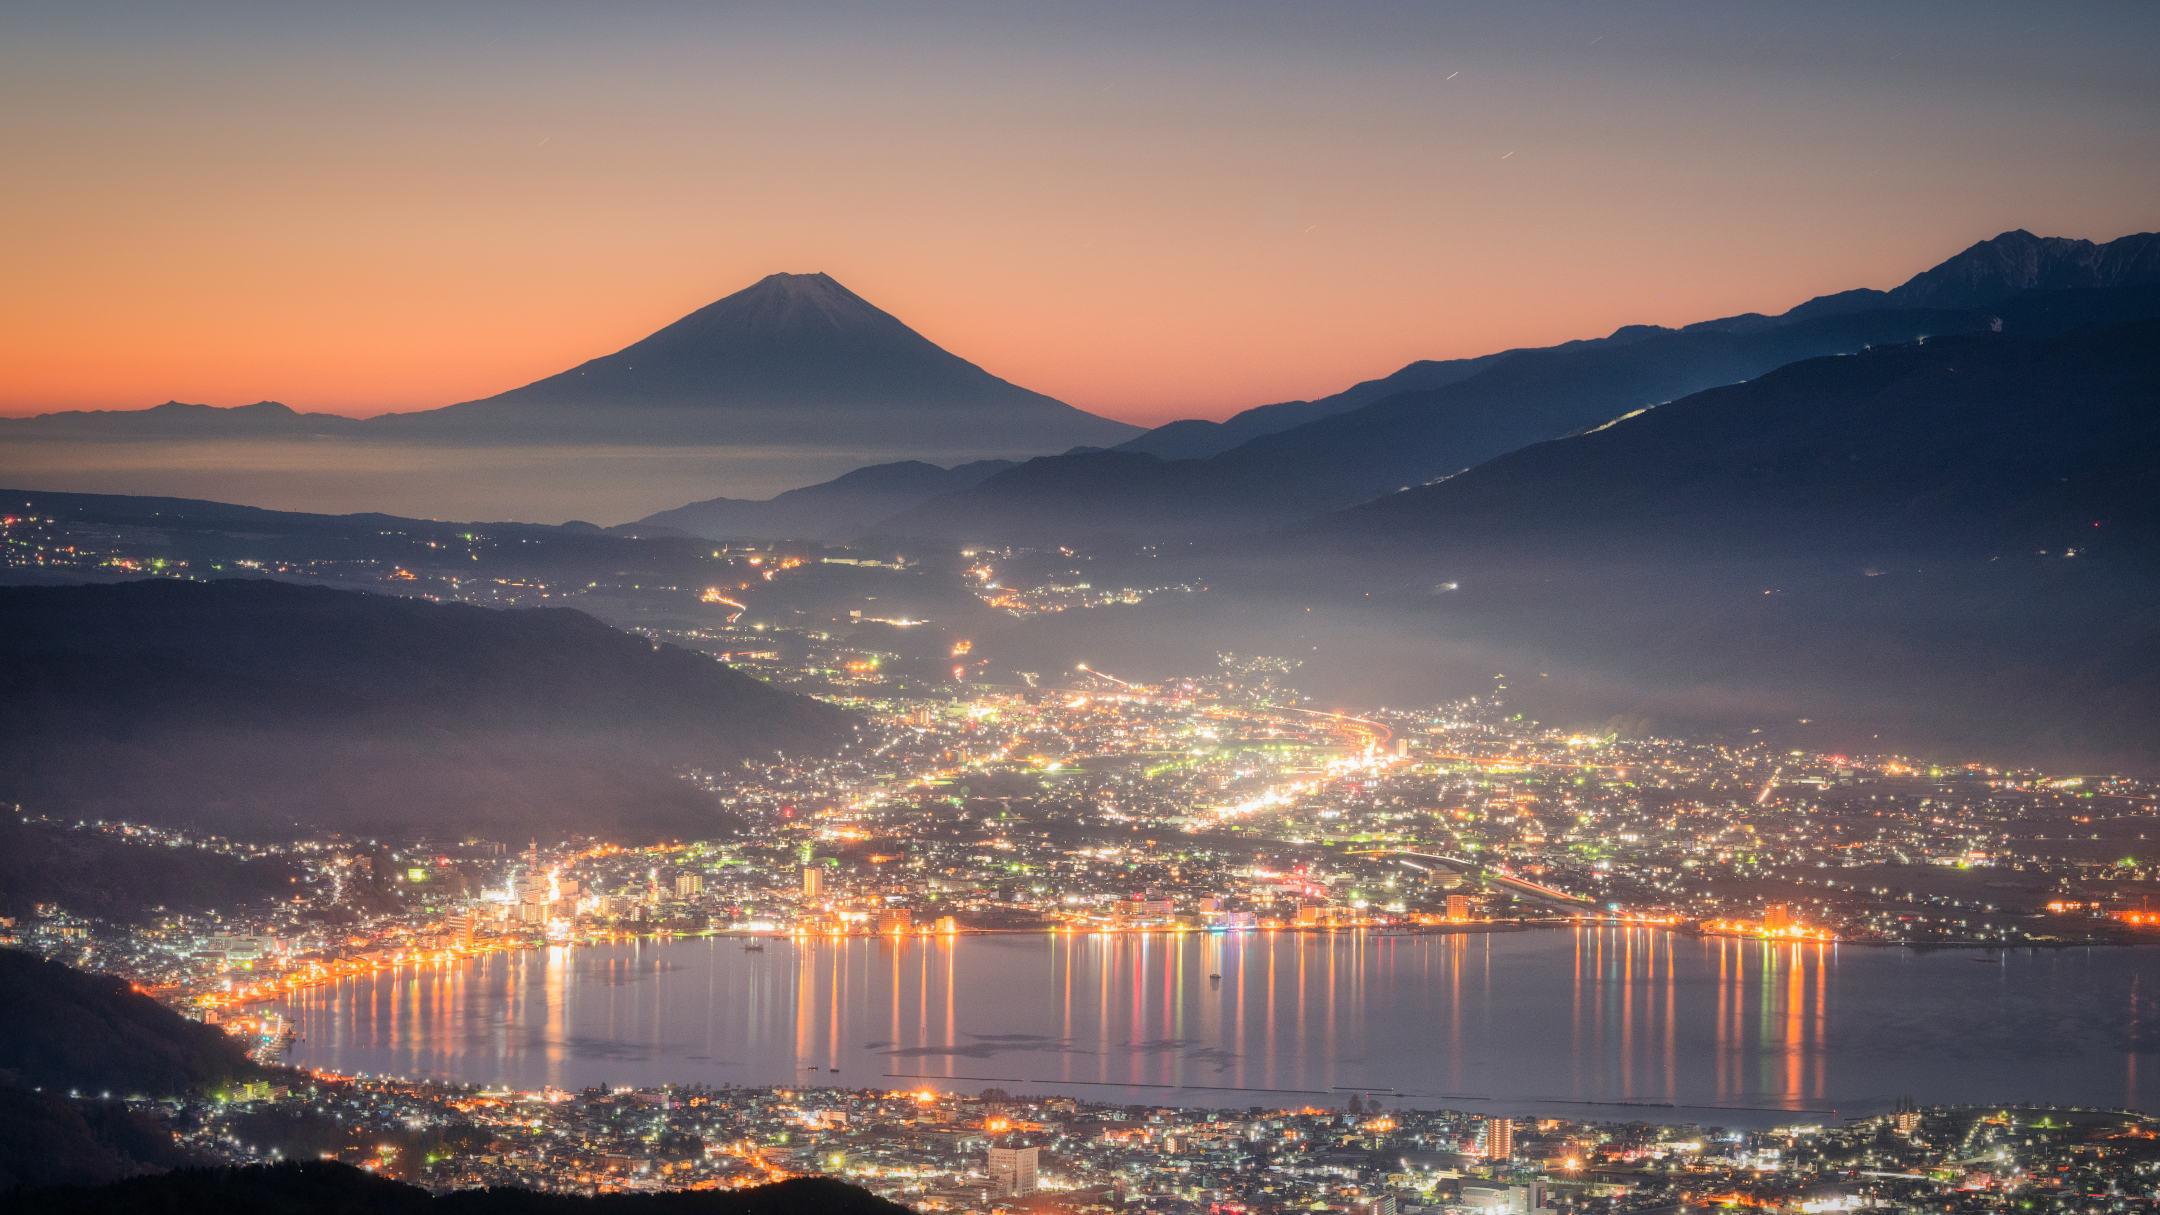 富士山を撮り続けるフォトグラファーが教える、富士山撮影におすすめのスポット5選と美しさを引き出すコツ